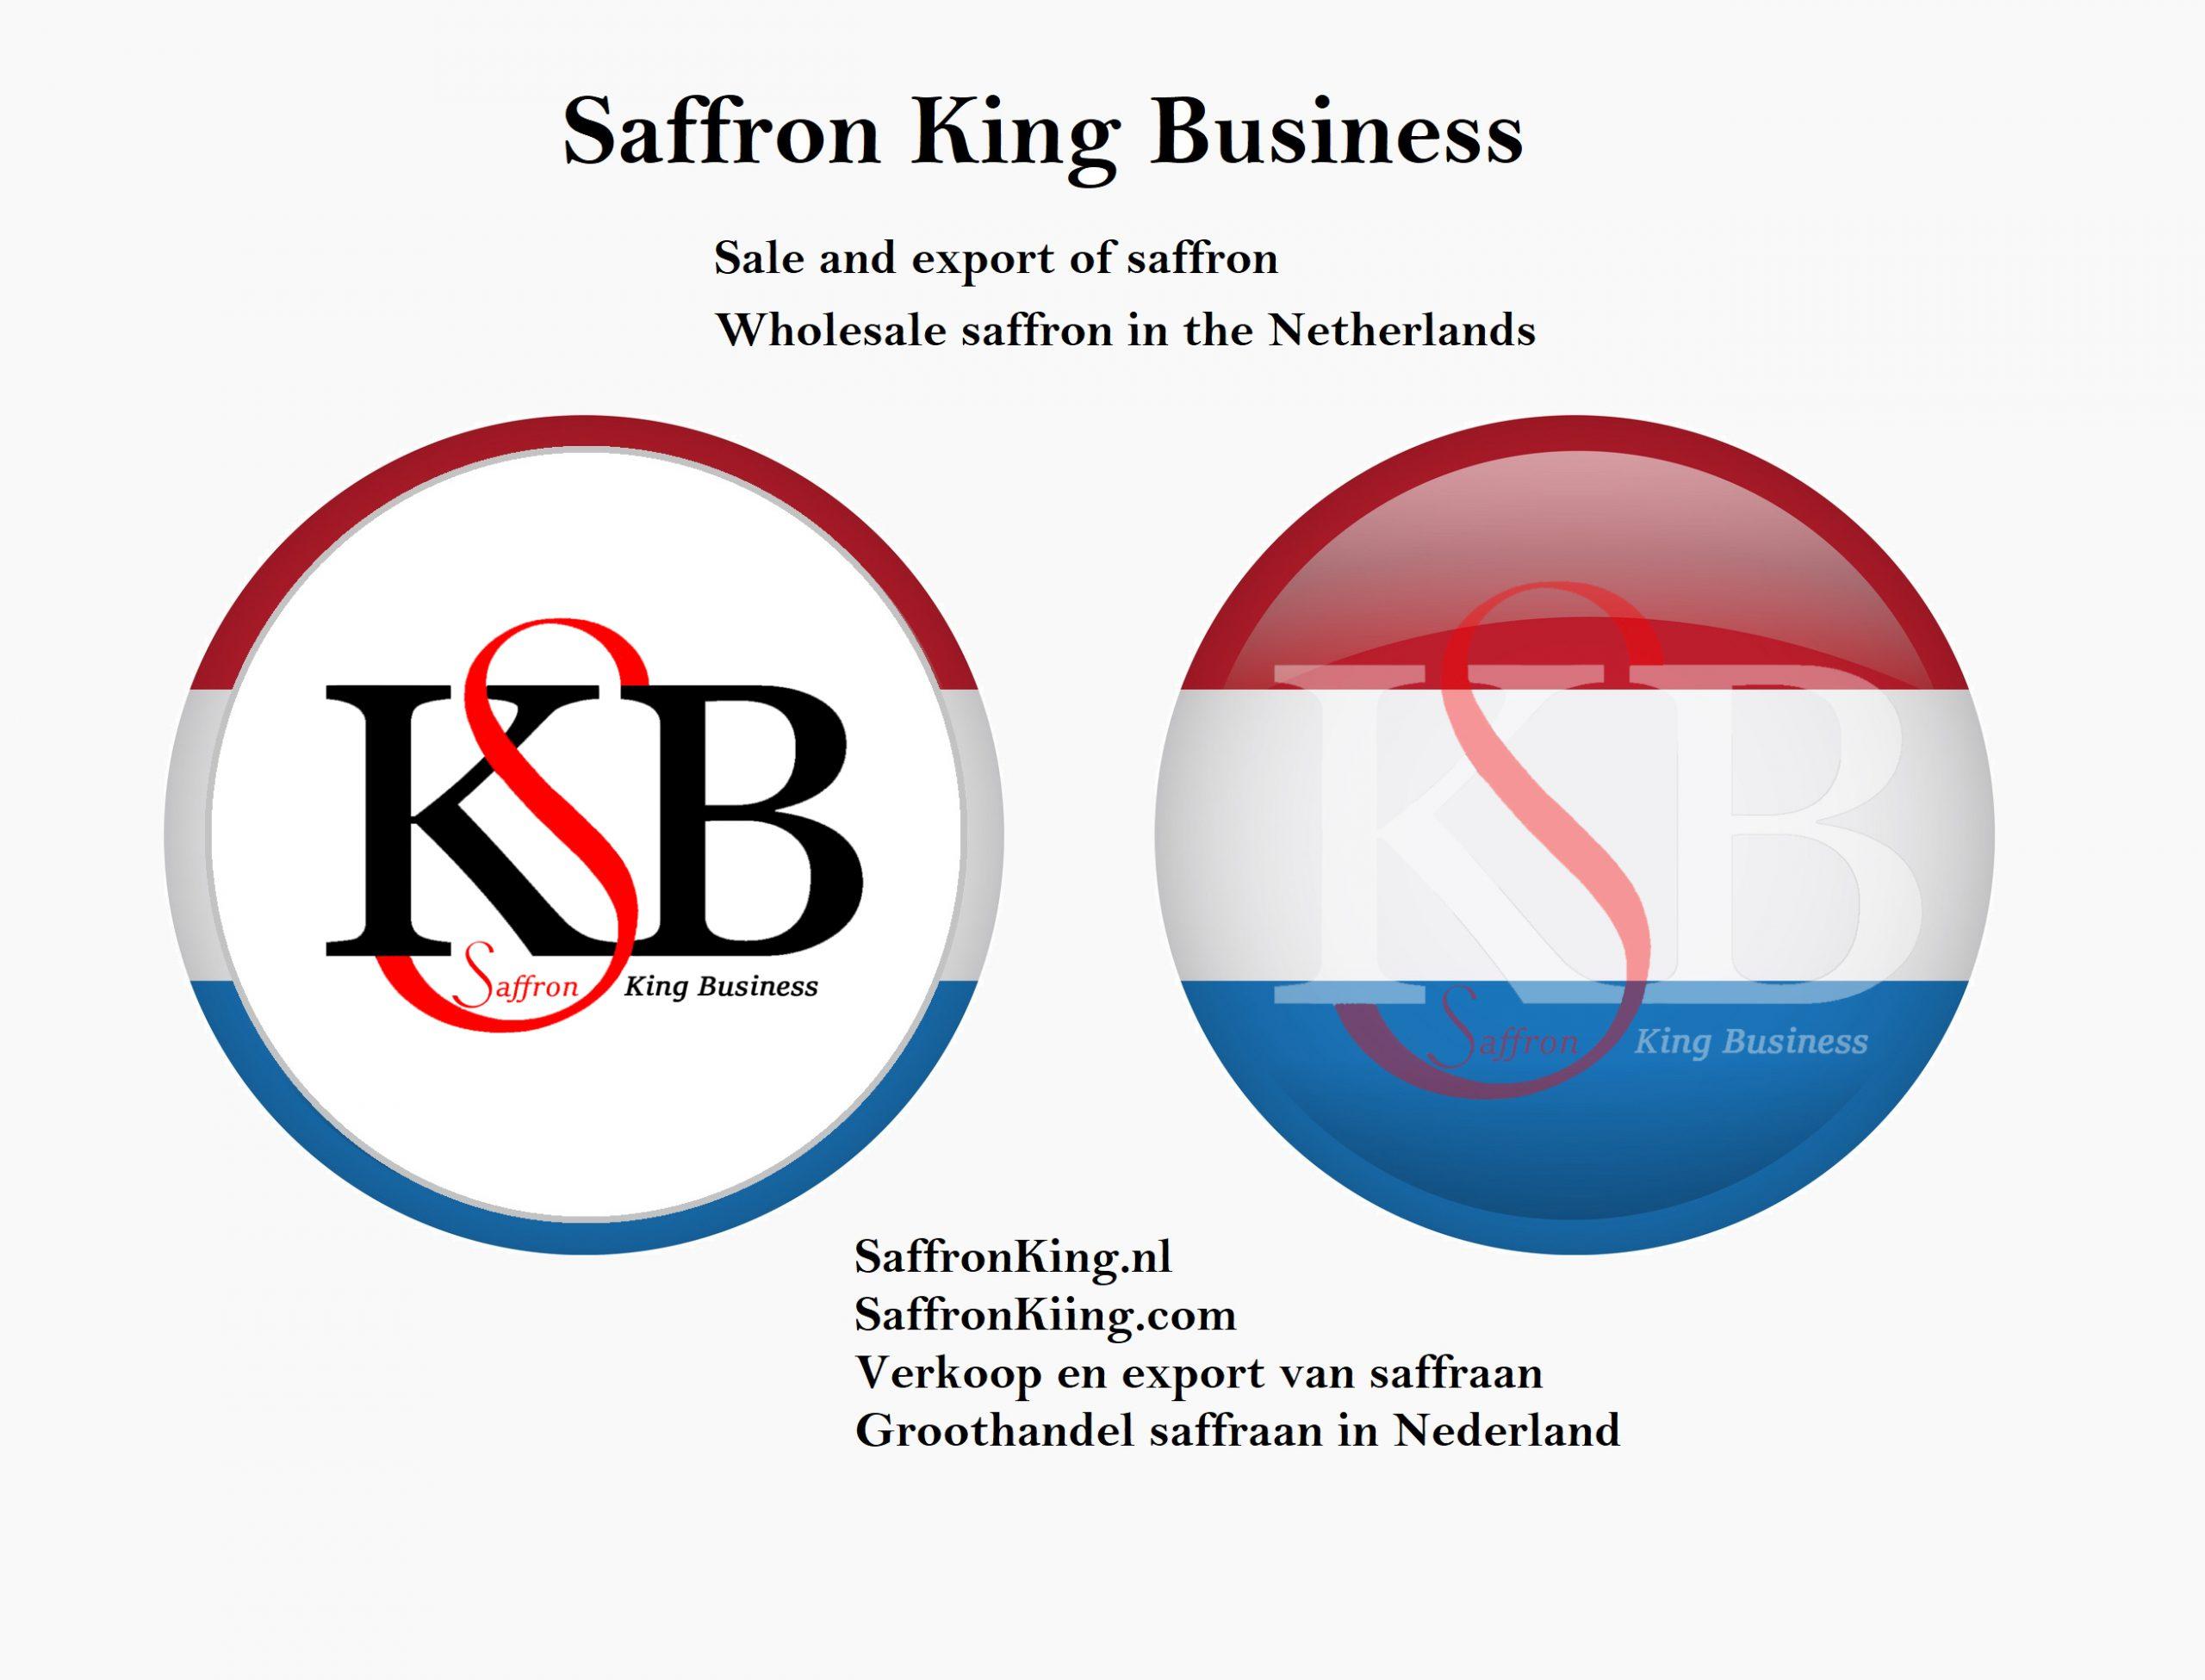 Großer Safran in den Niederlanden und der Preis für Safran